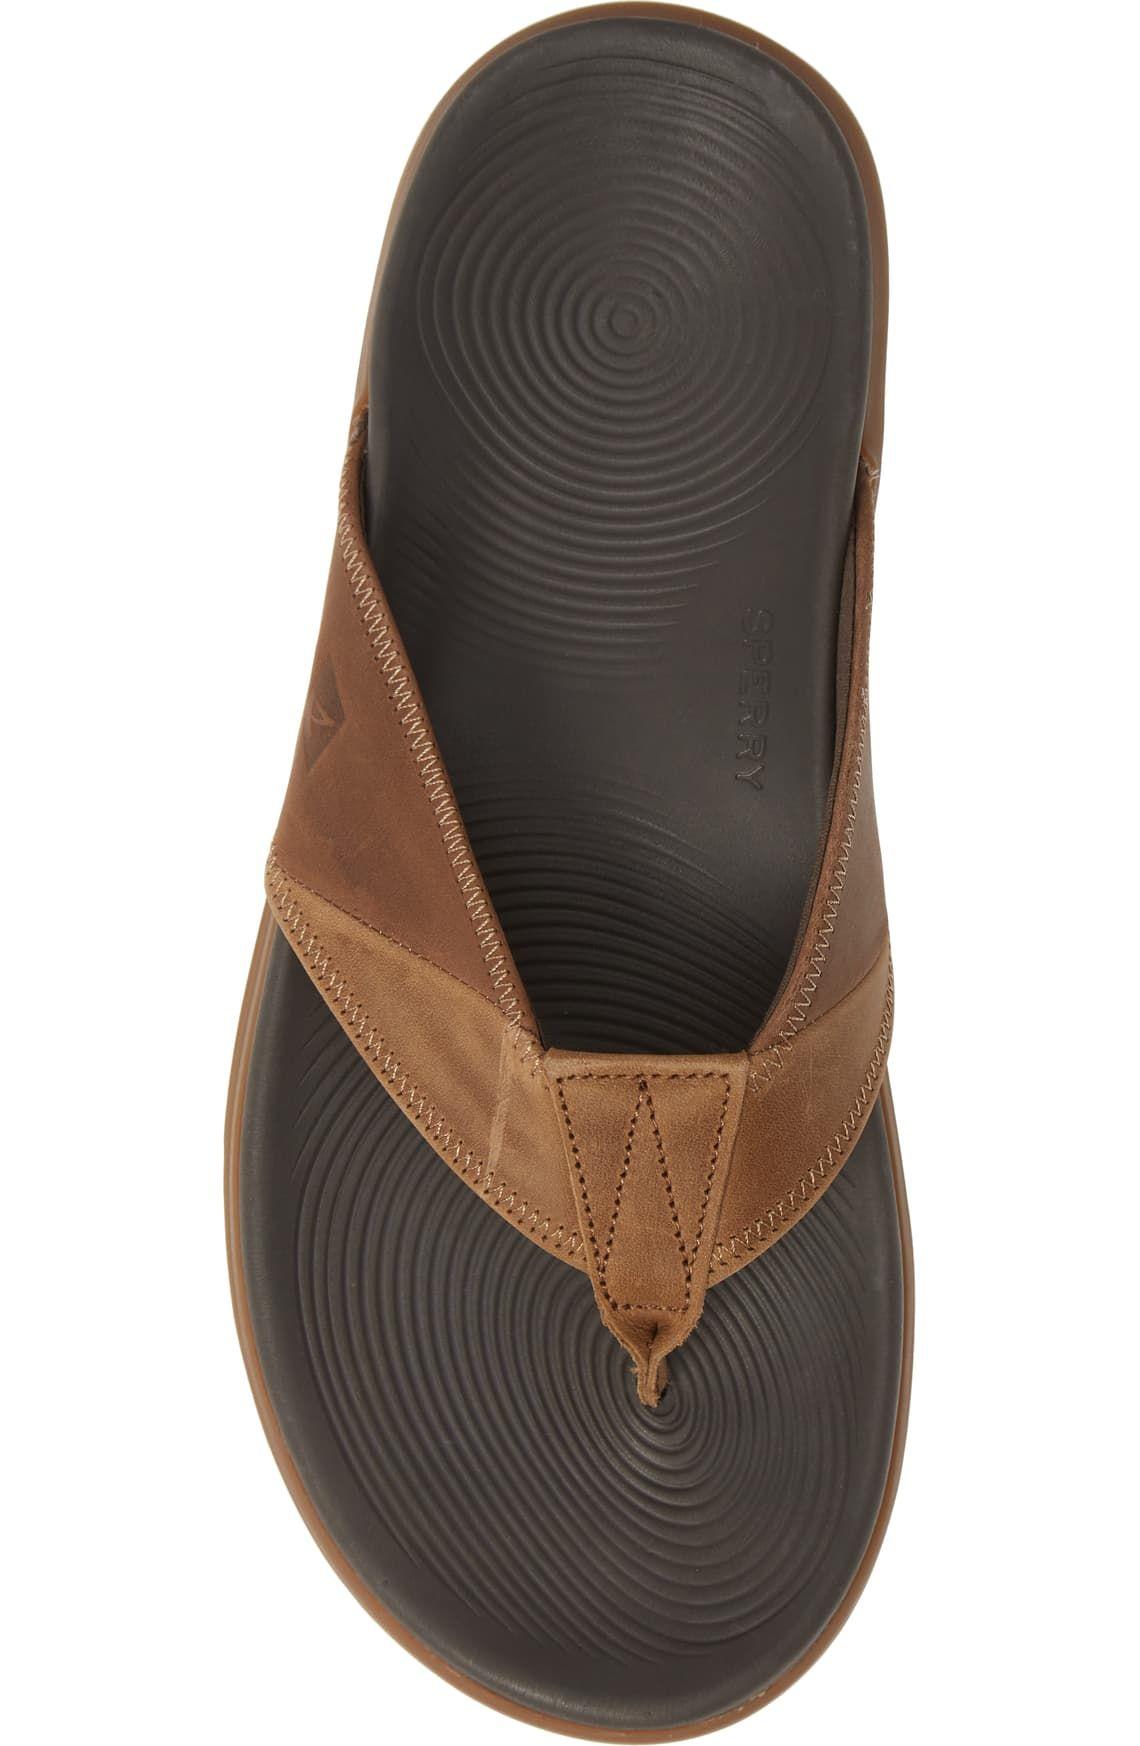 Sperry Top-Sider® Regatta Flip Flop